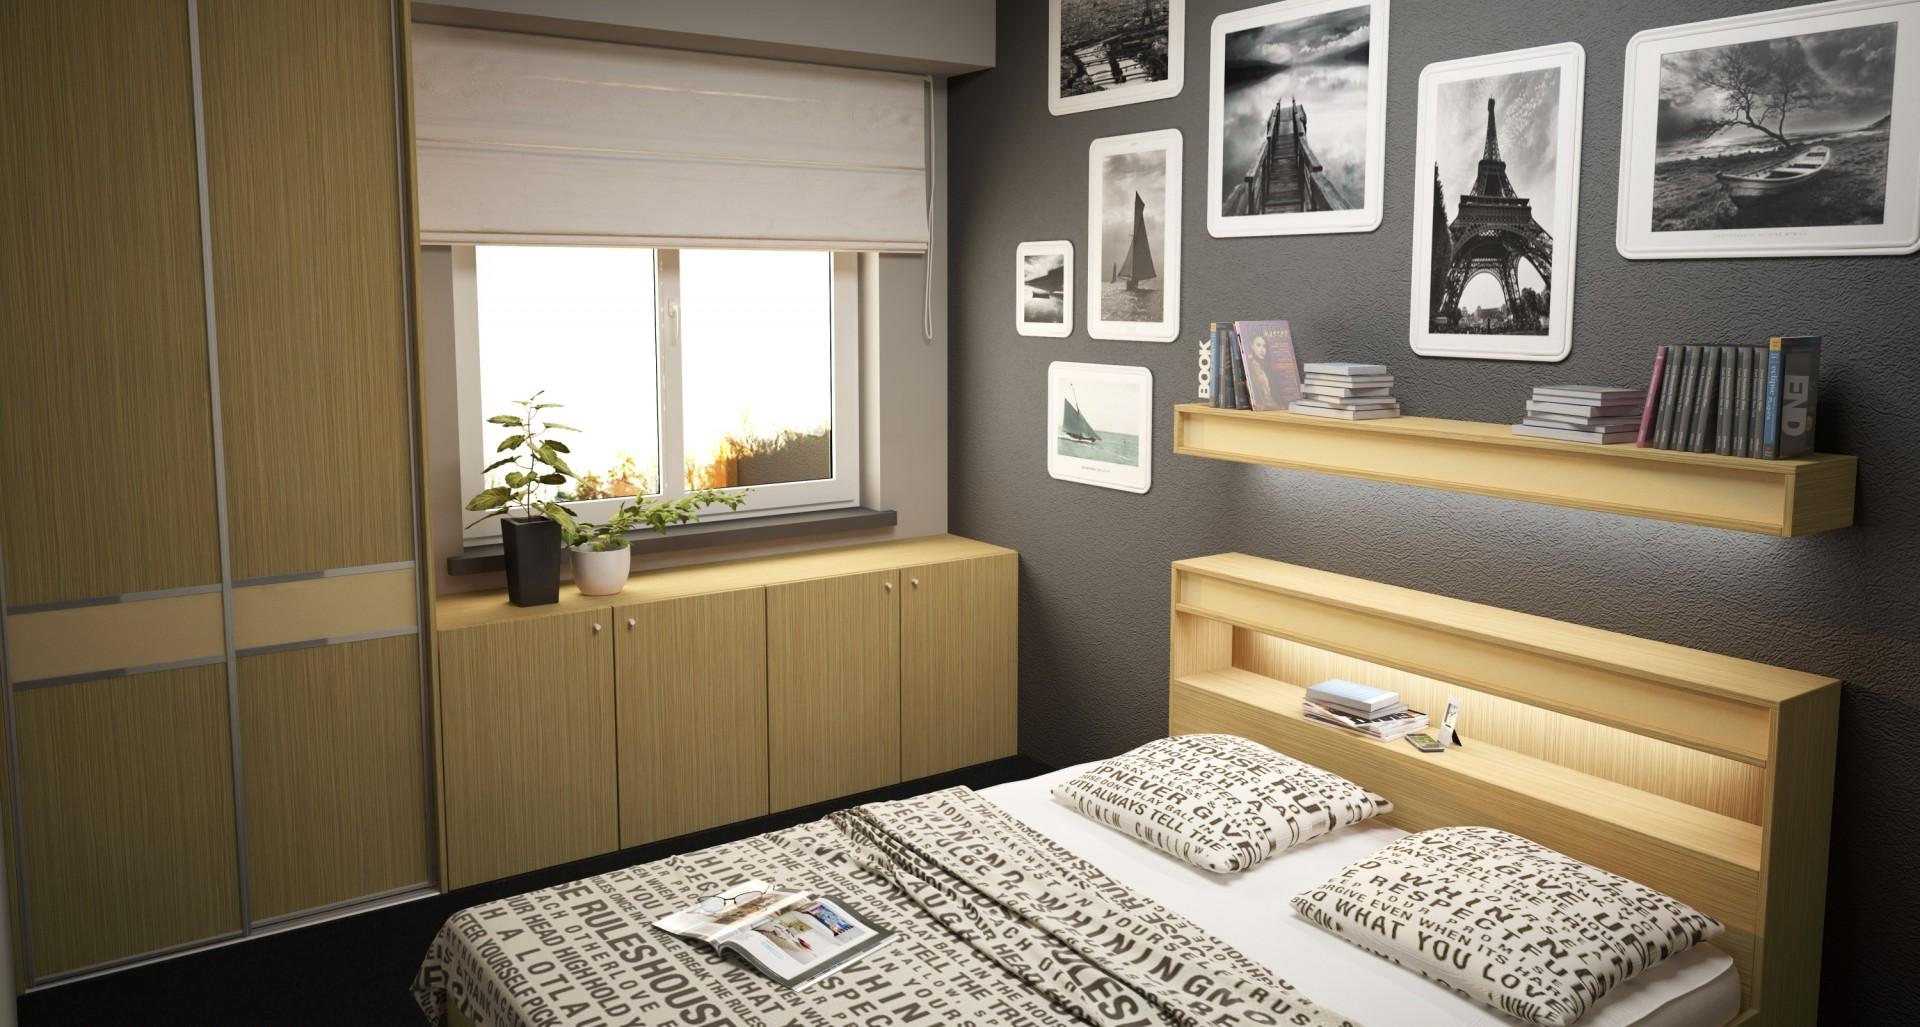 Zabudowa wykonana na wymiar, dodatkowa półka nad łóżkiem i druga, wbudowana w zagłówek - to rozwiązania do małej sypialni. Fot. Komandor